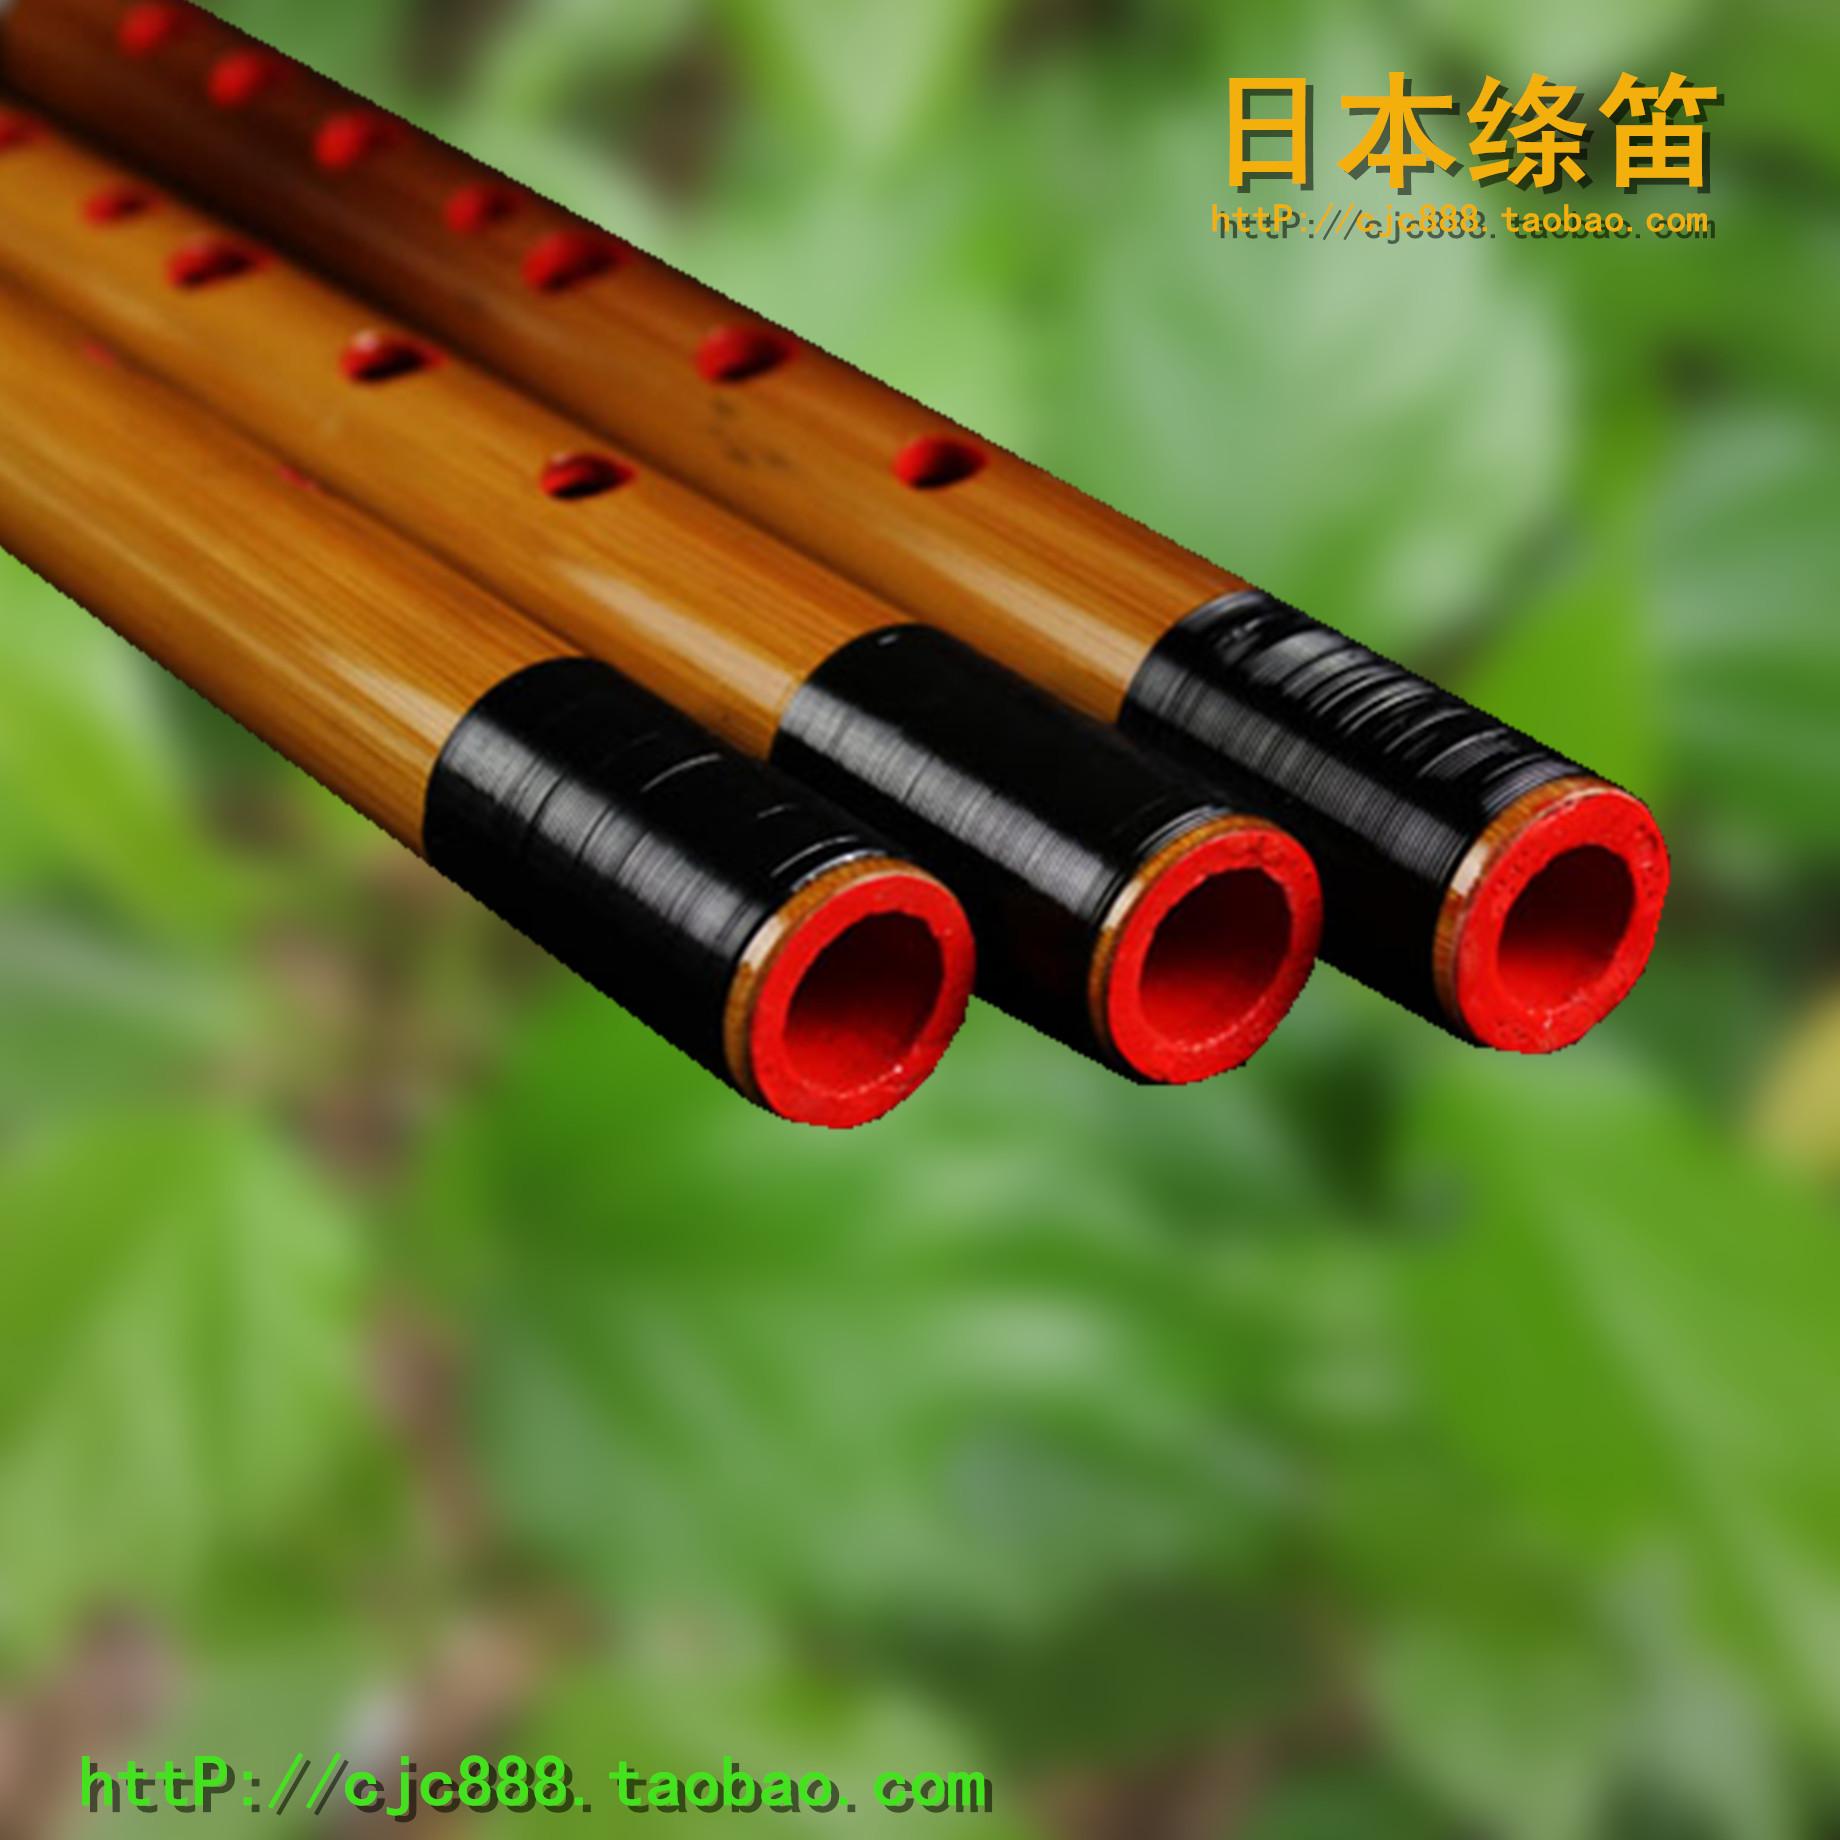 日本正品乐器